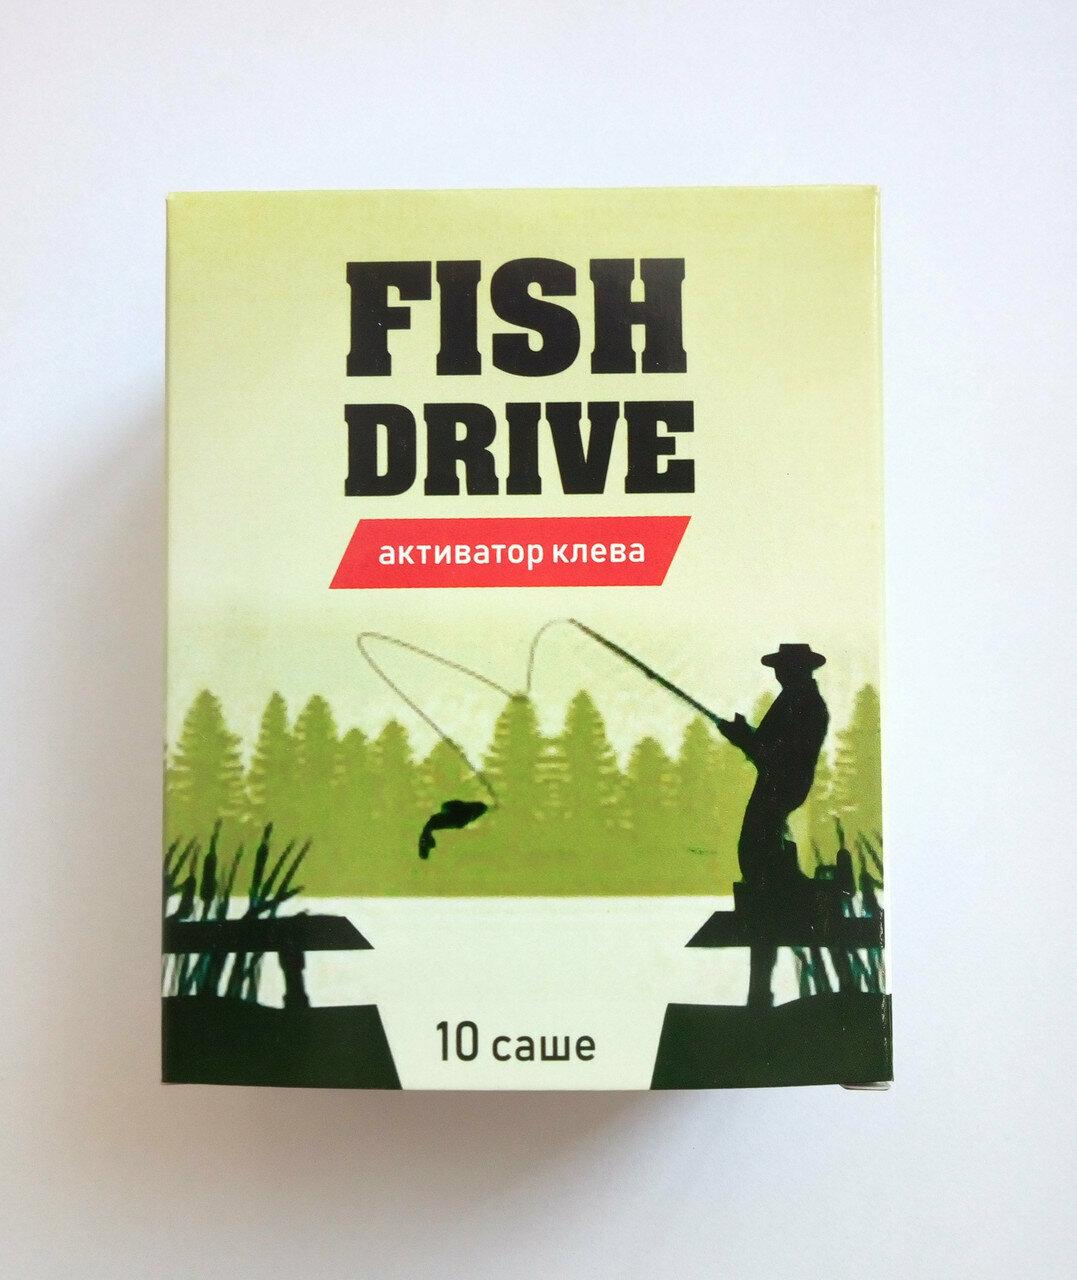 Fish Drive - активатор клёва в Новотроицке